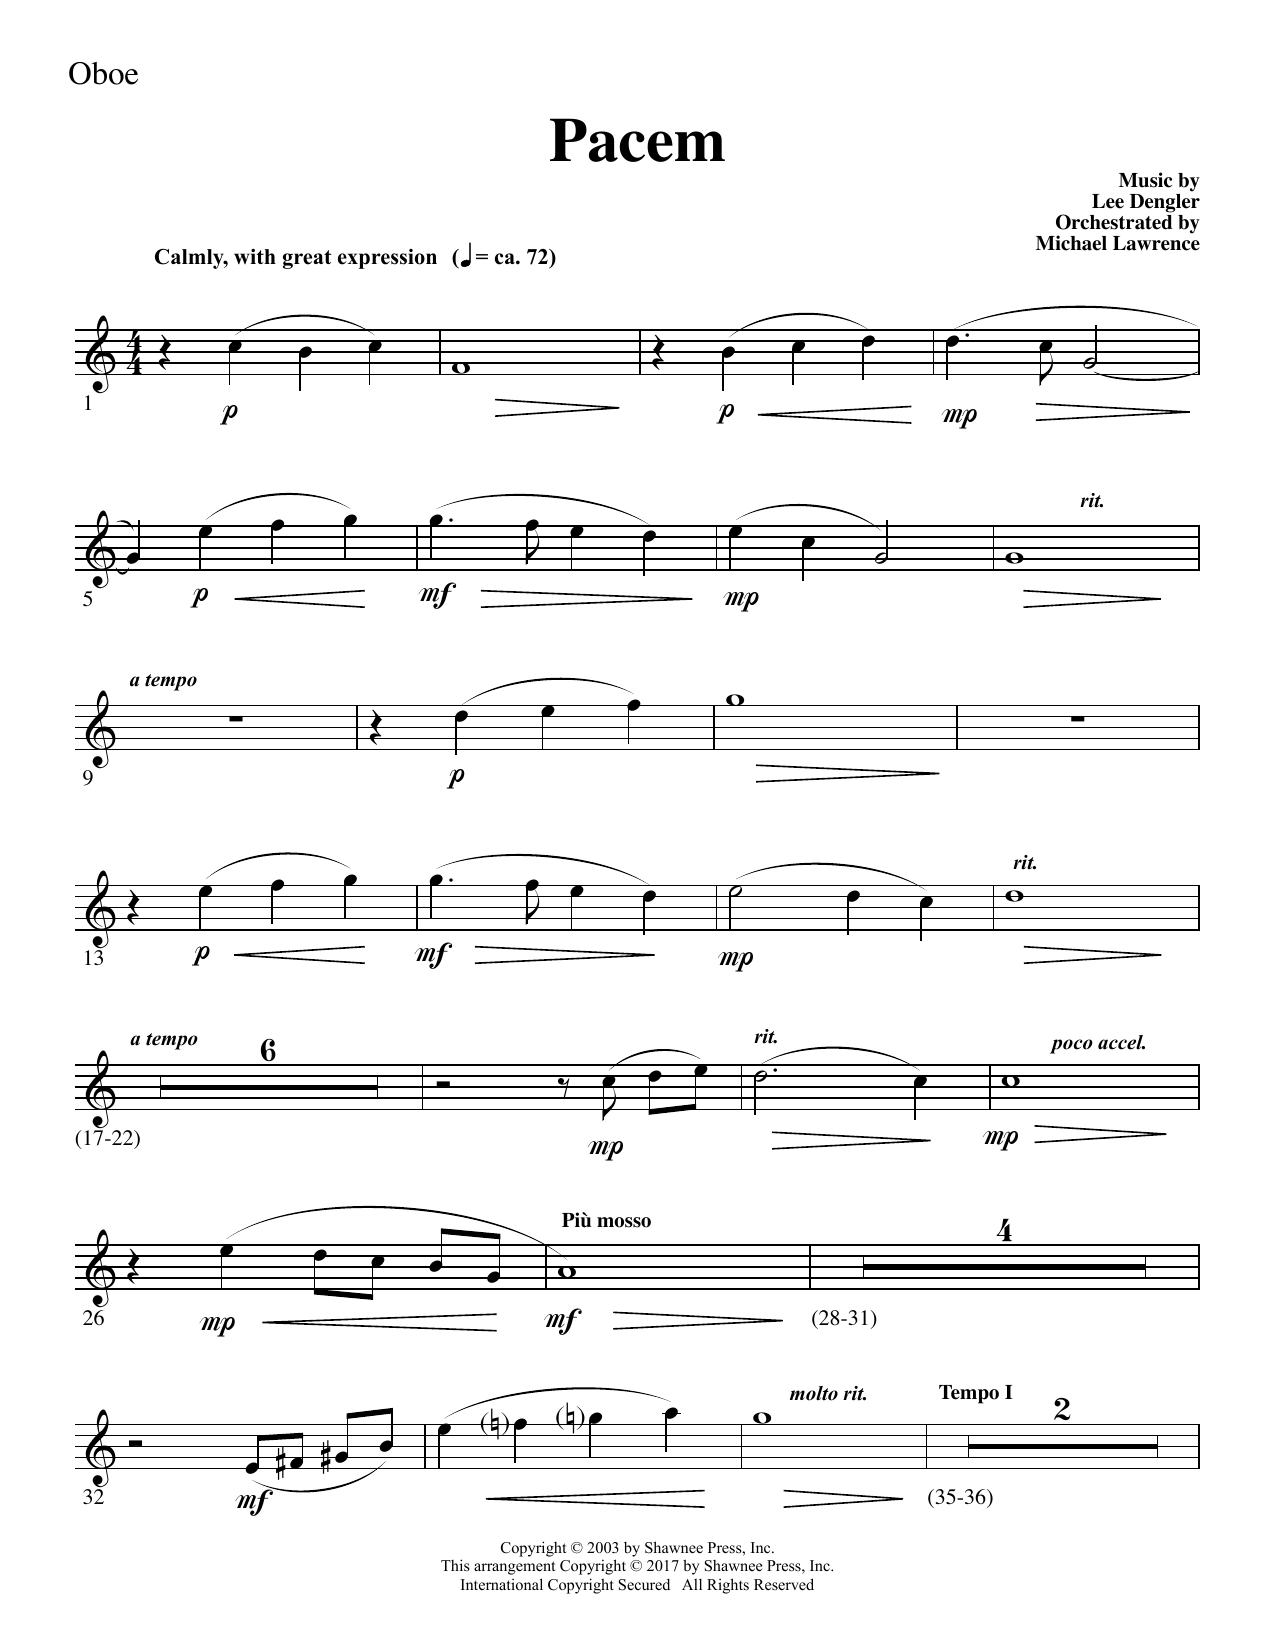 Pacem - Oboe Sheet Music